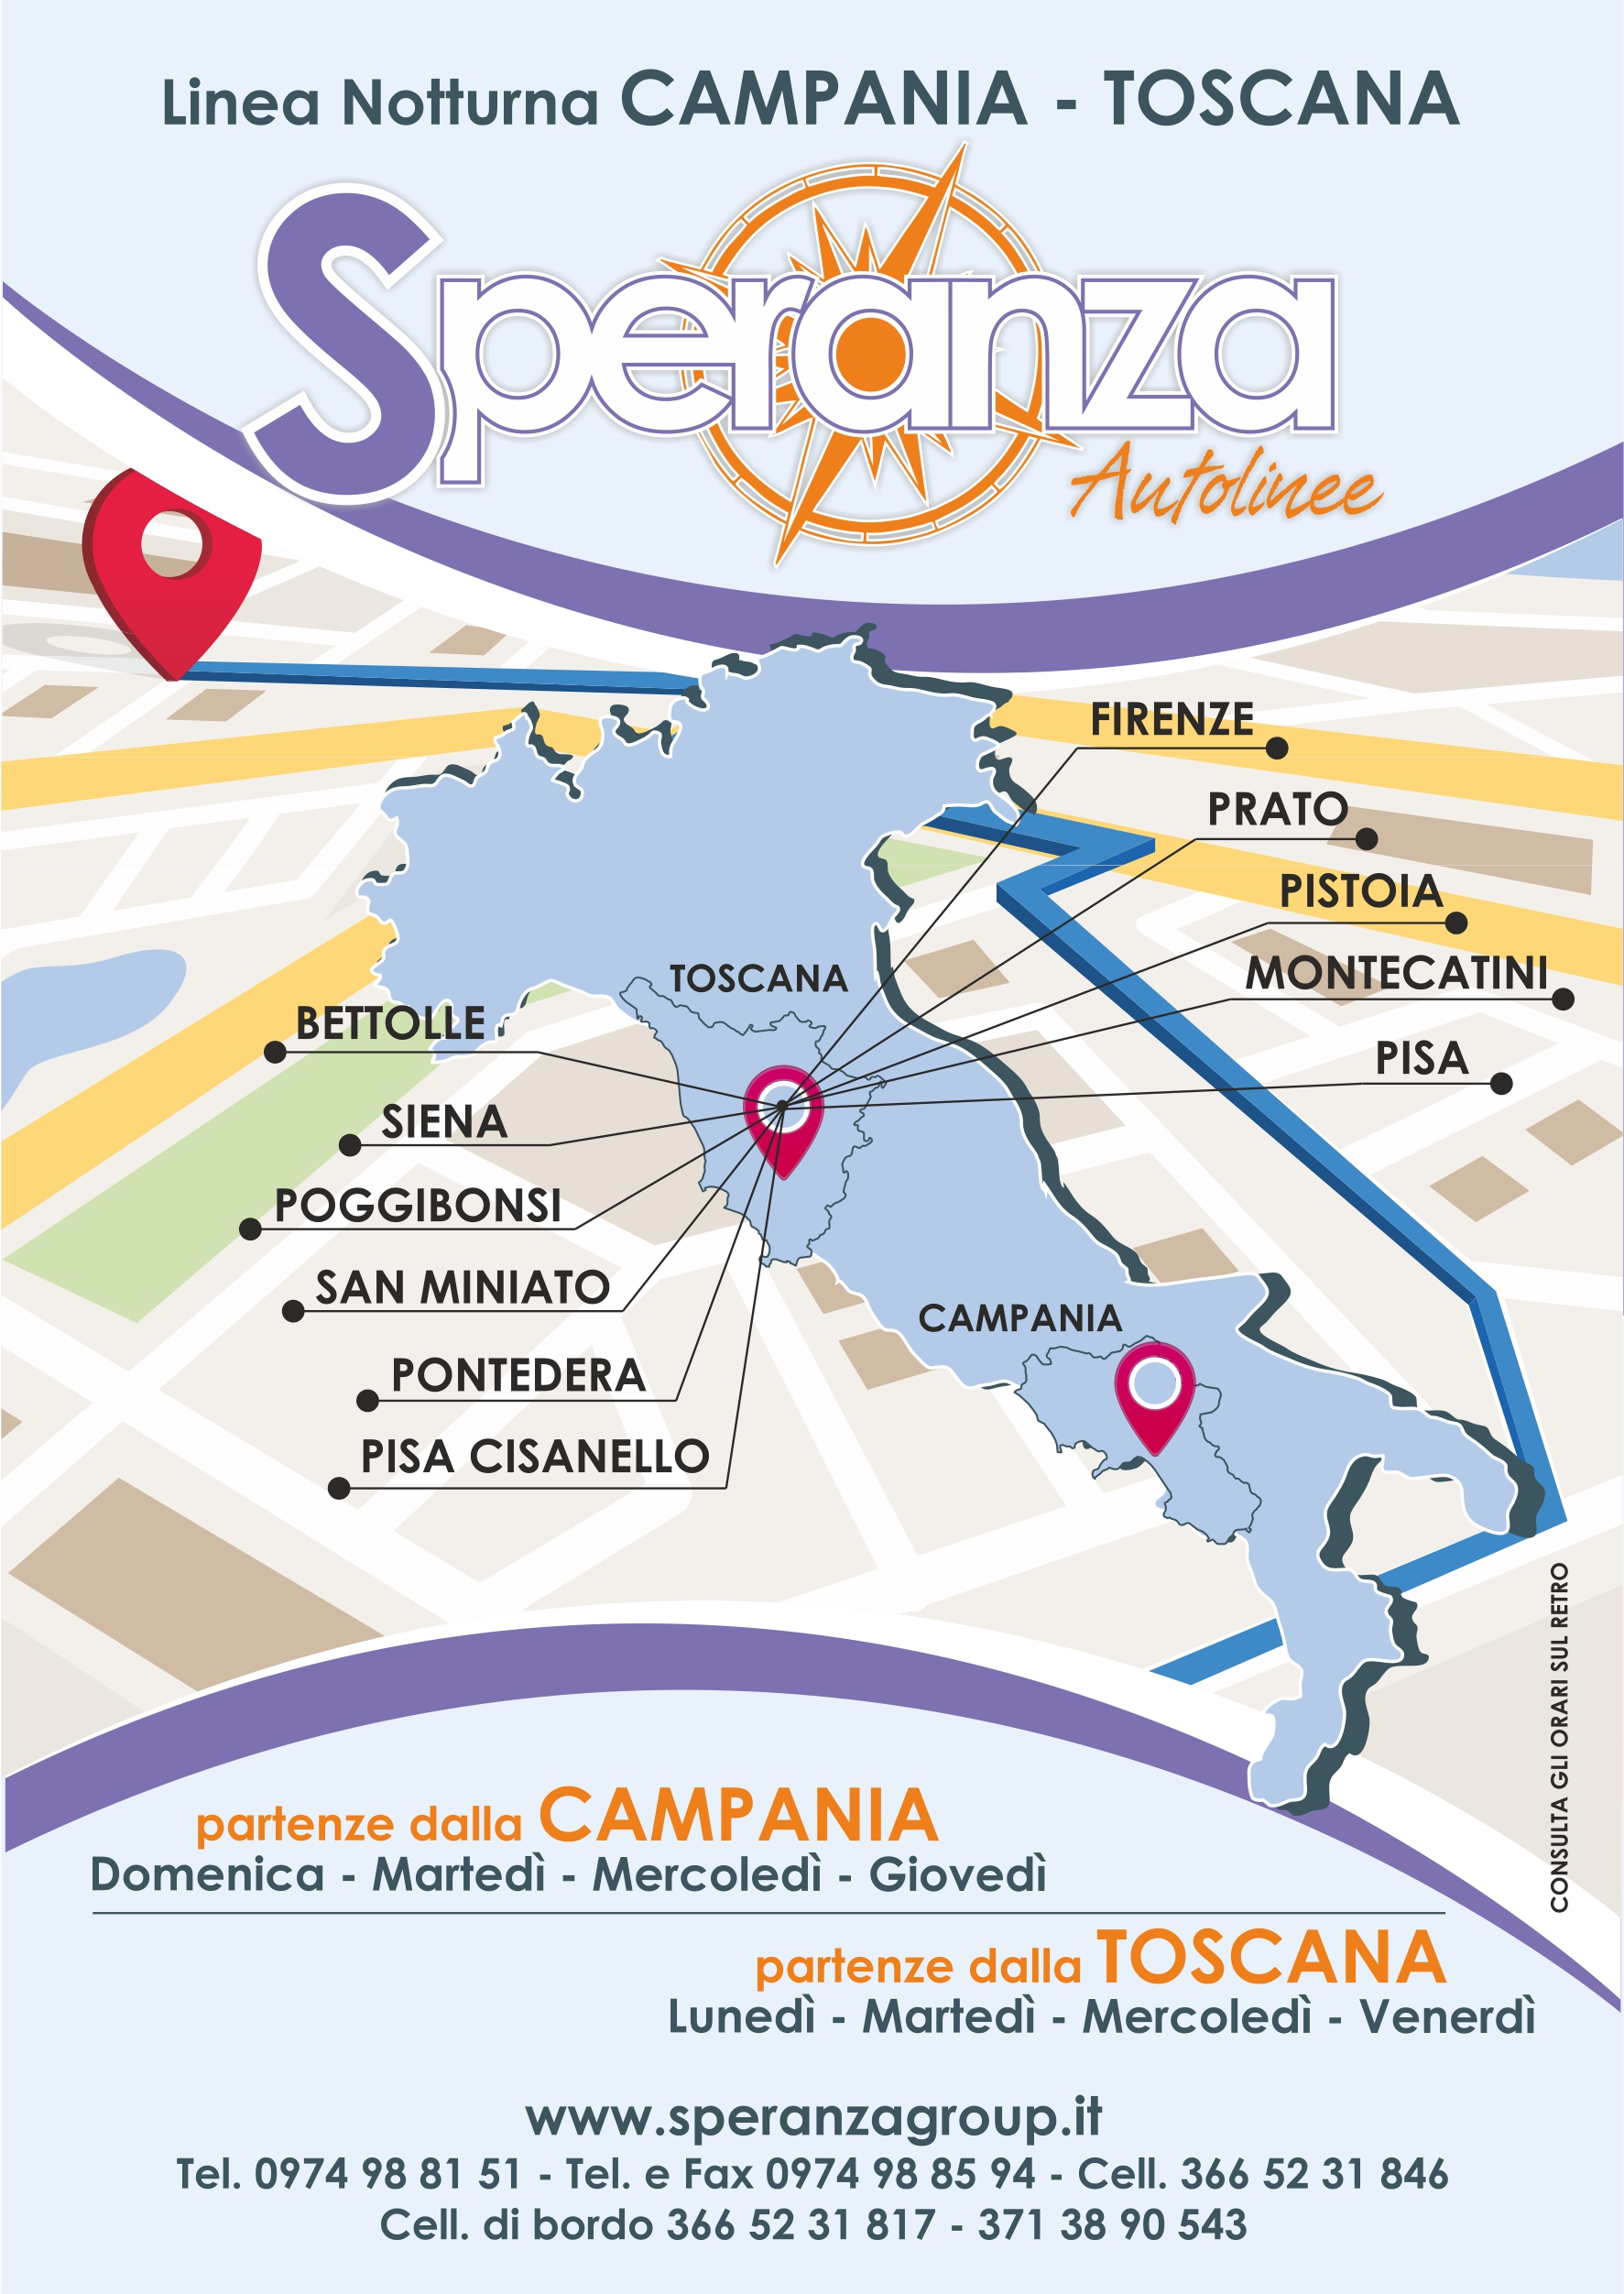 Linea Campania Toscana Speranza